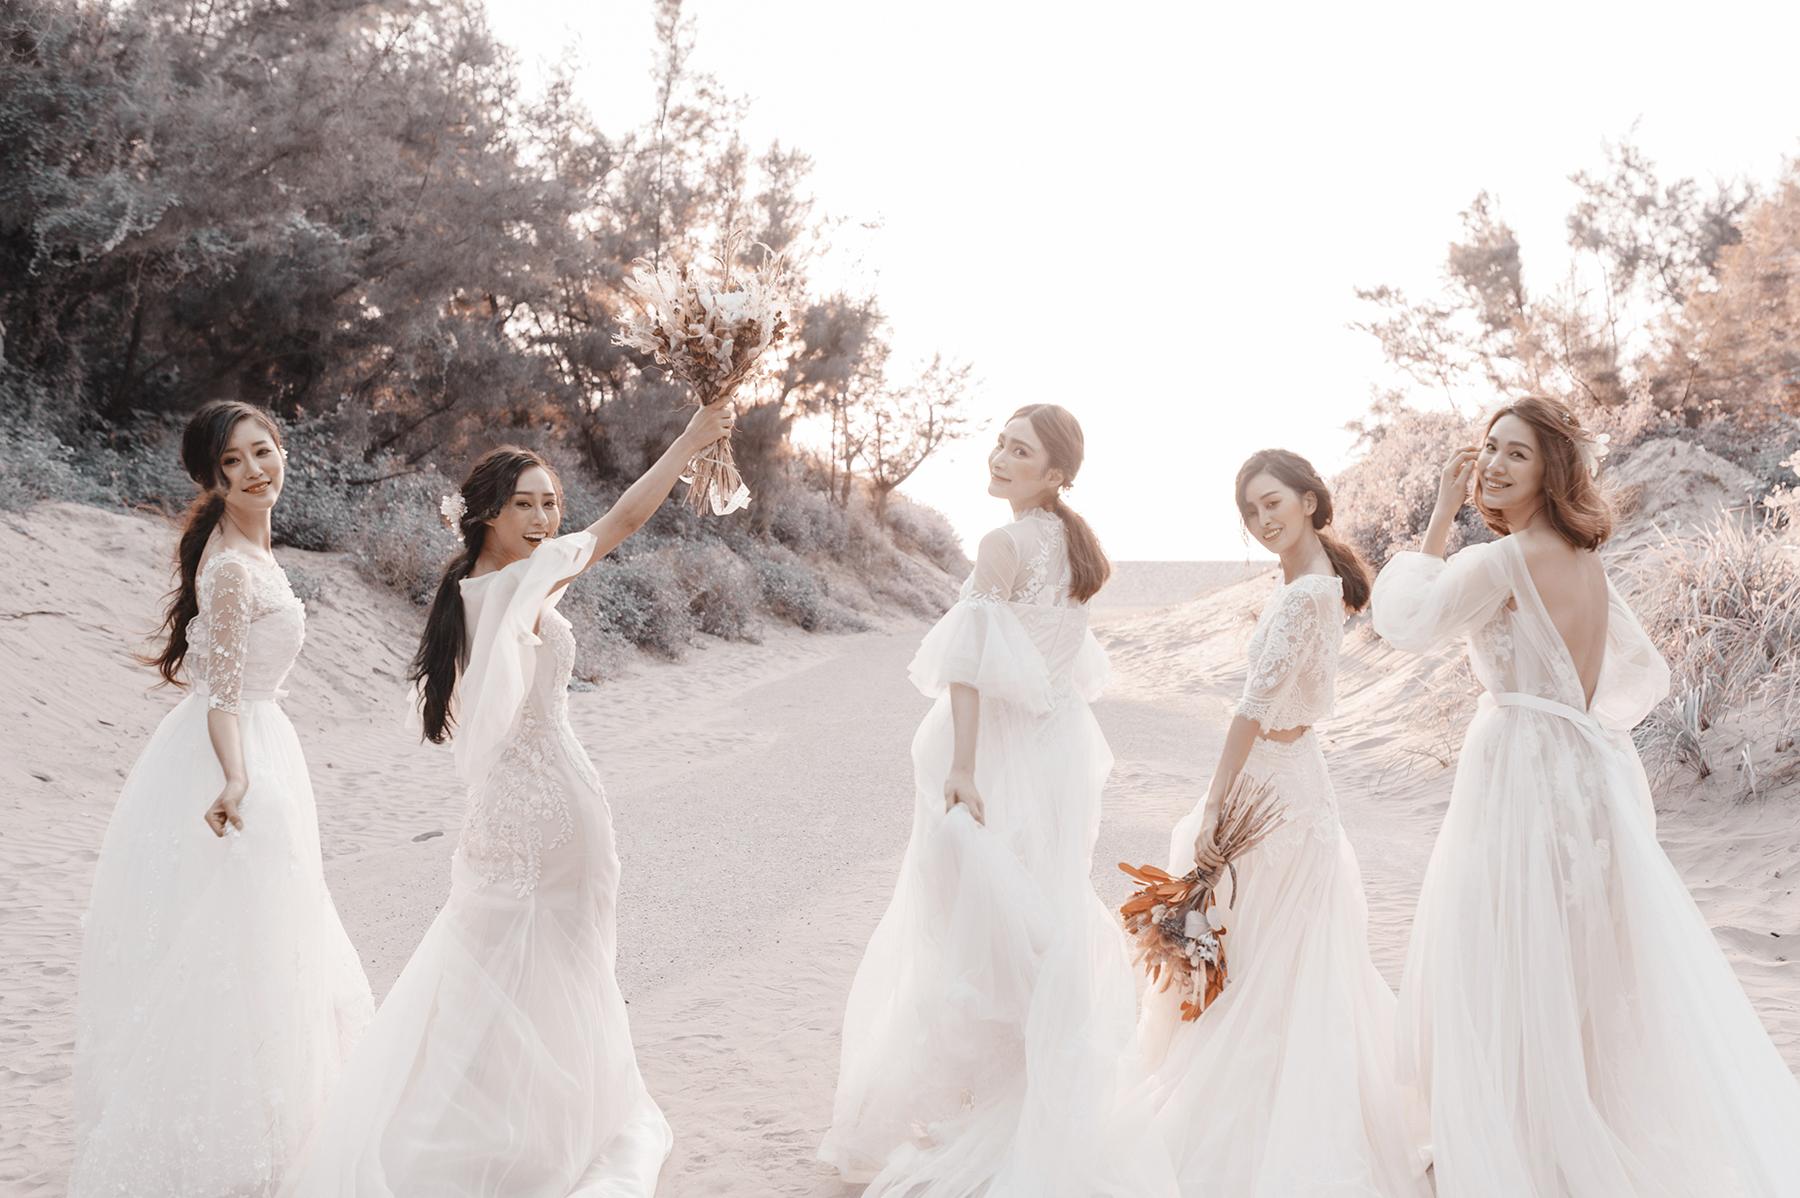 VVNFS團隊創作白紗新娘造型59